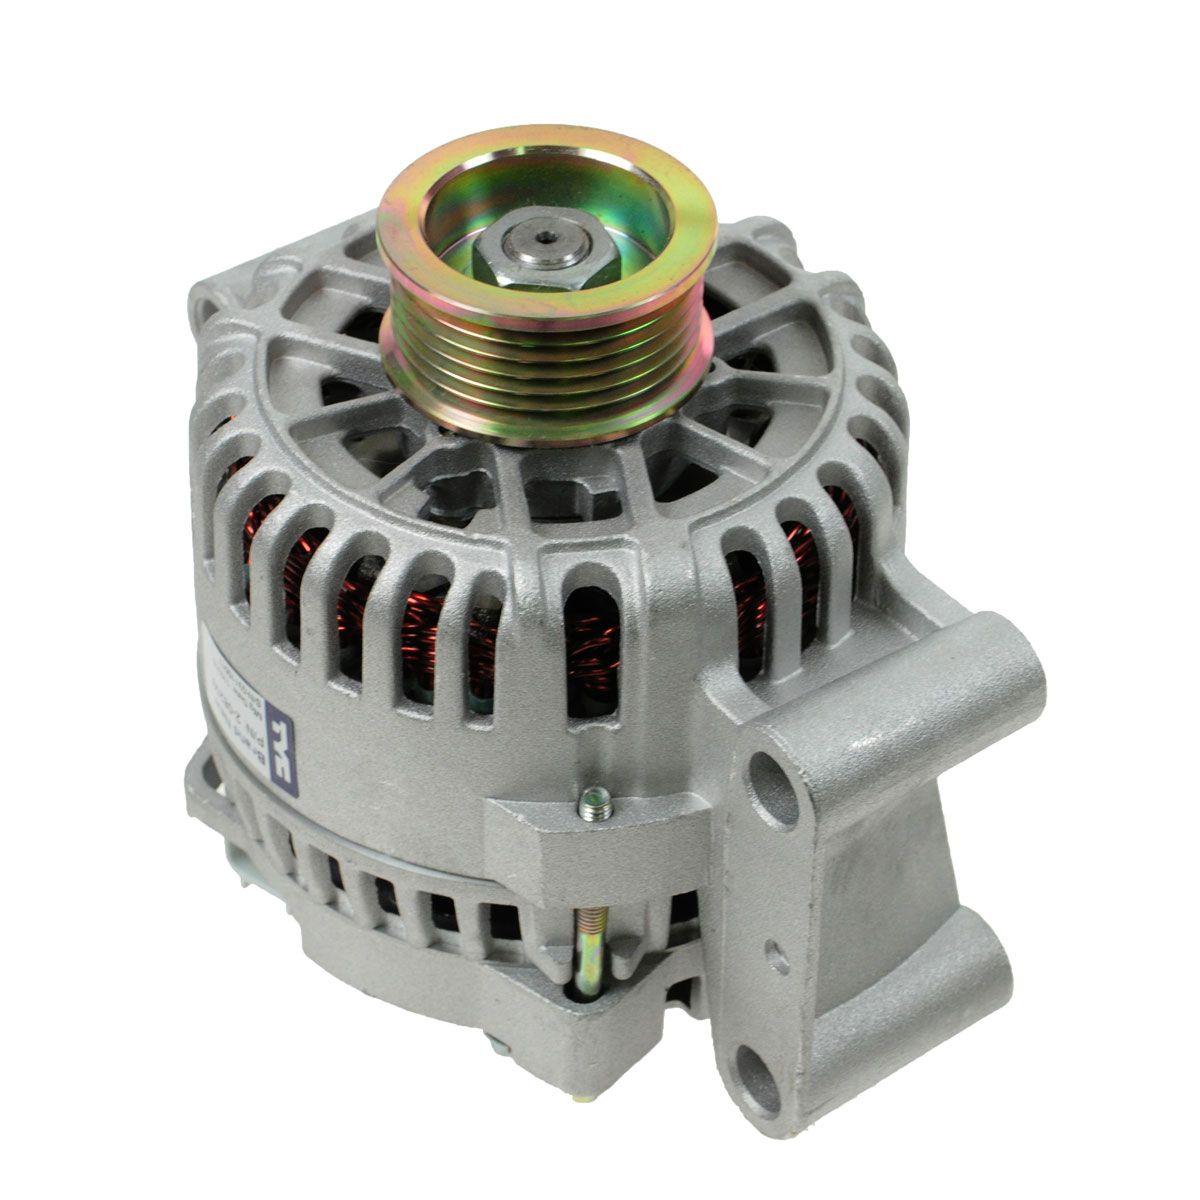 105 amp alternator for 01 04 mazda tribute ford escape 3. Black Bedroom Furniture Sets. Home Design Ideas